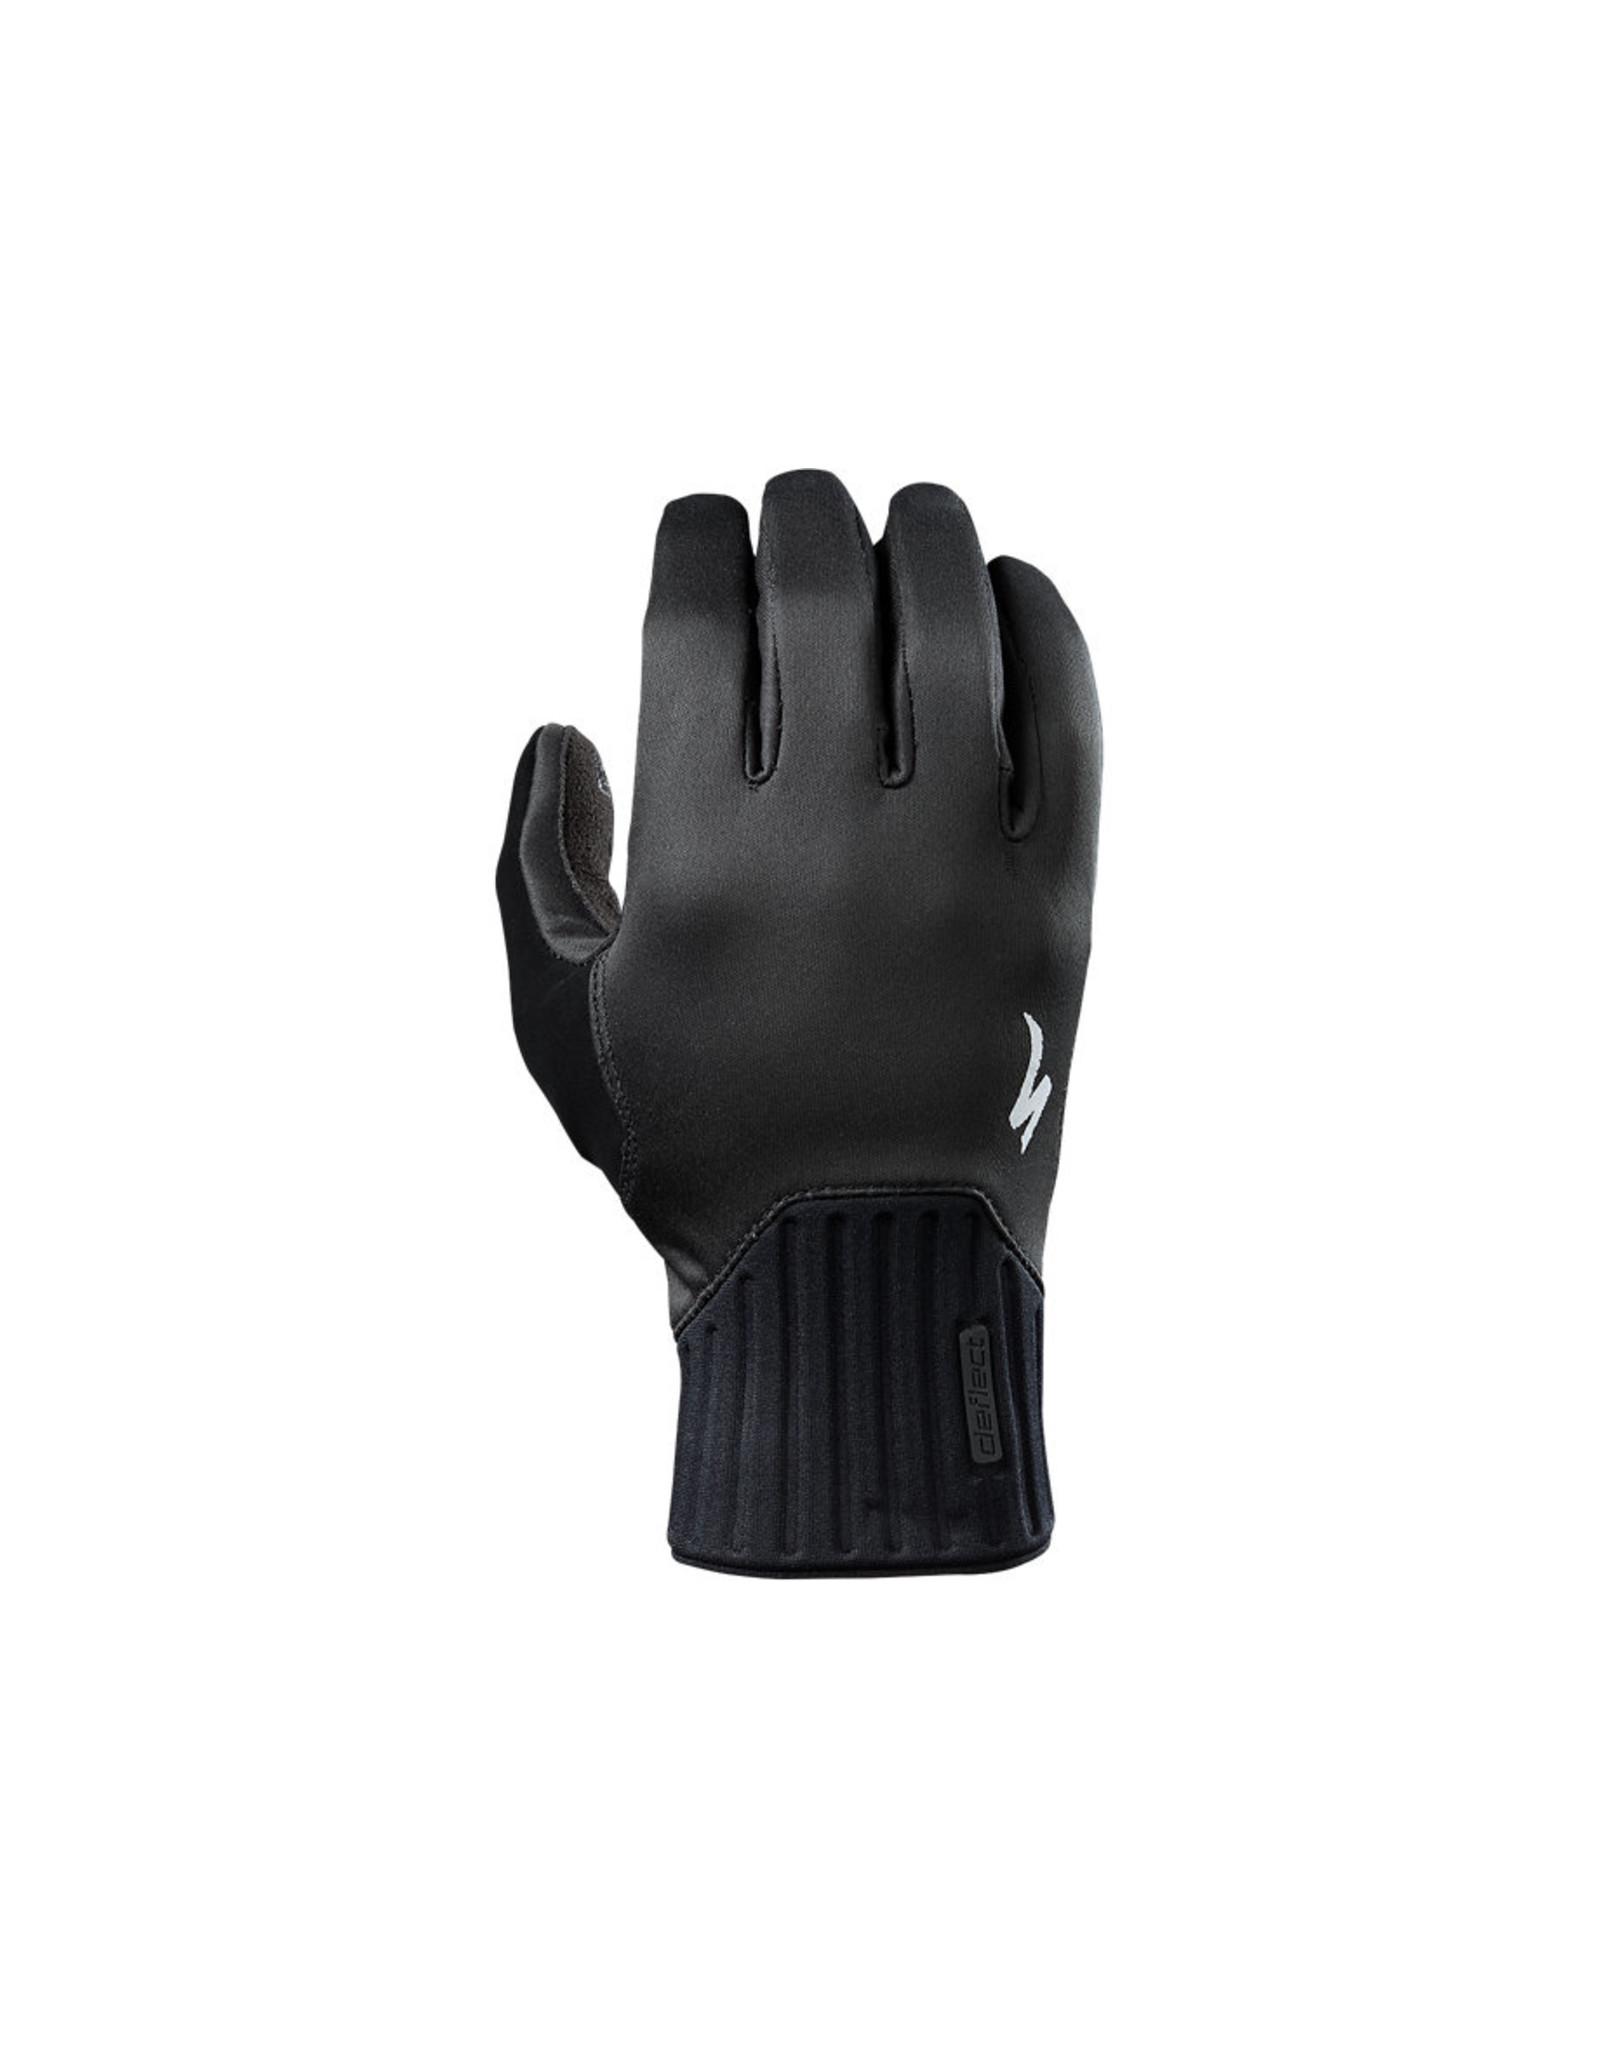 Specialized Specialized Deflect Glove -